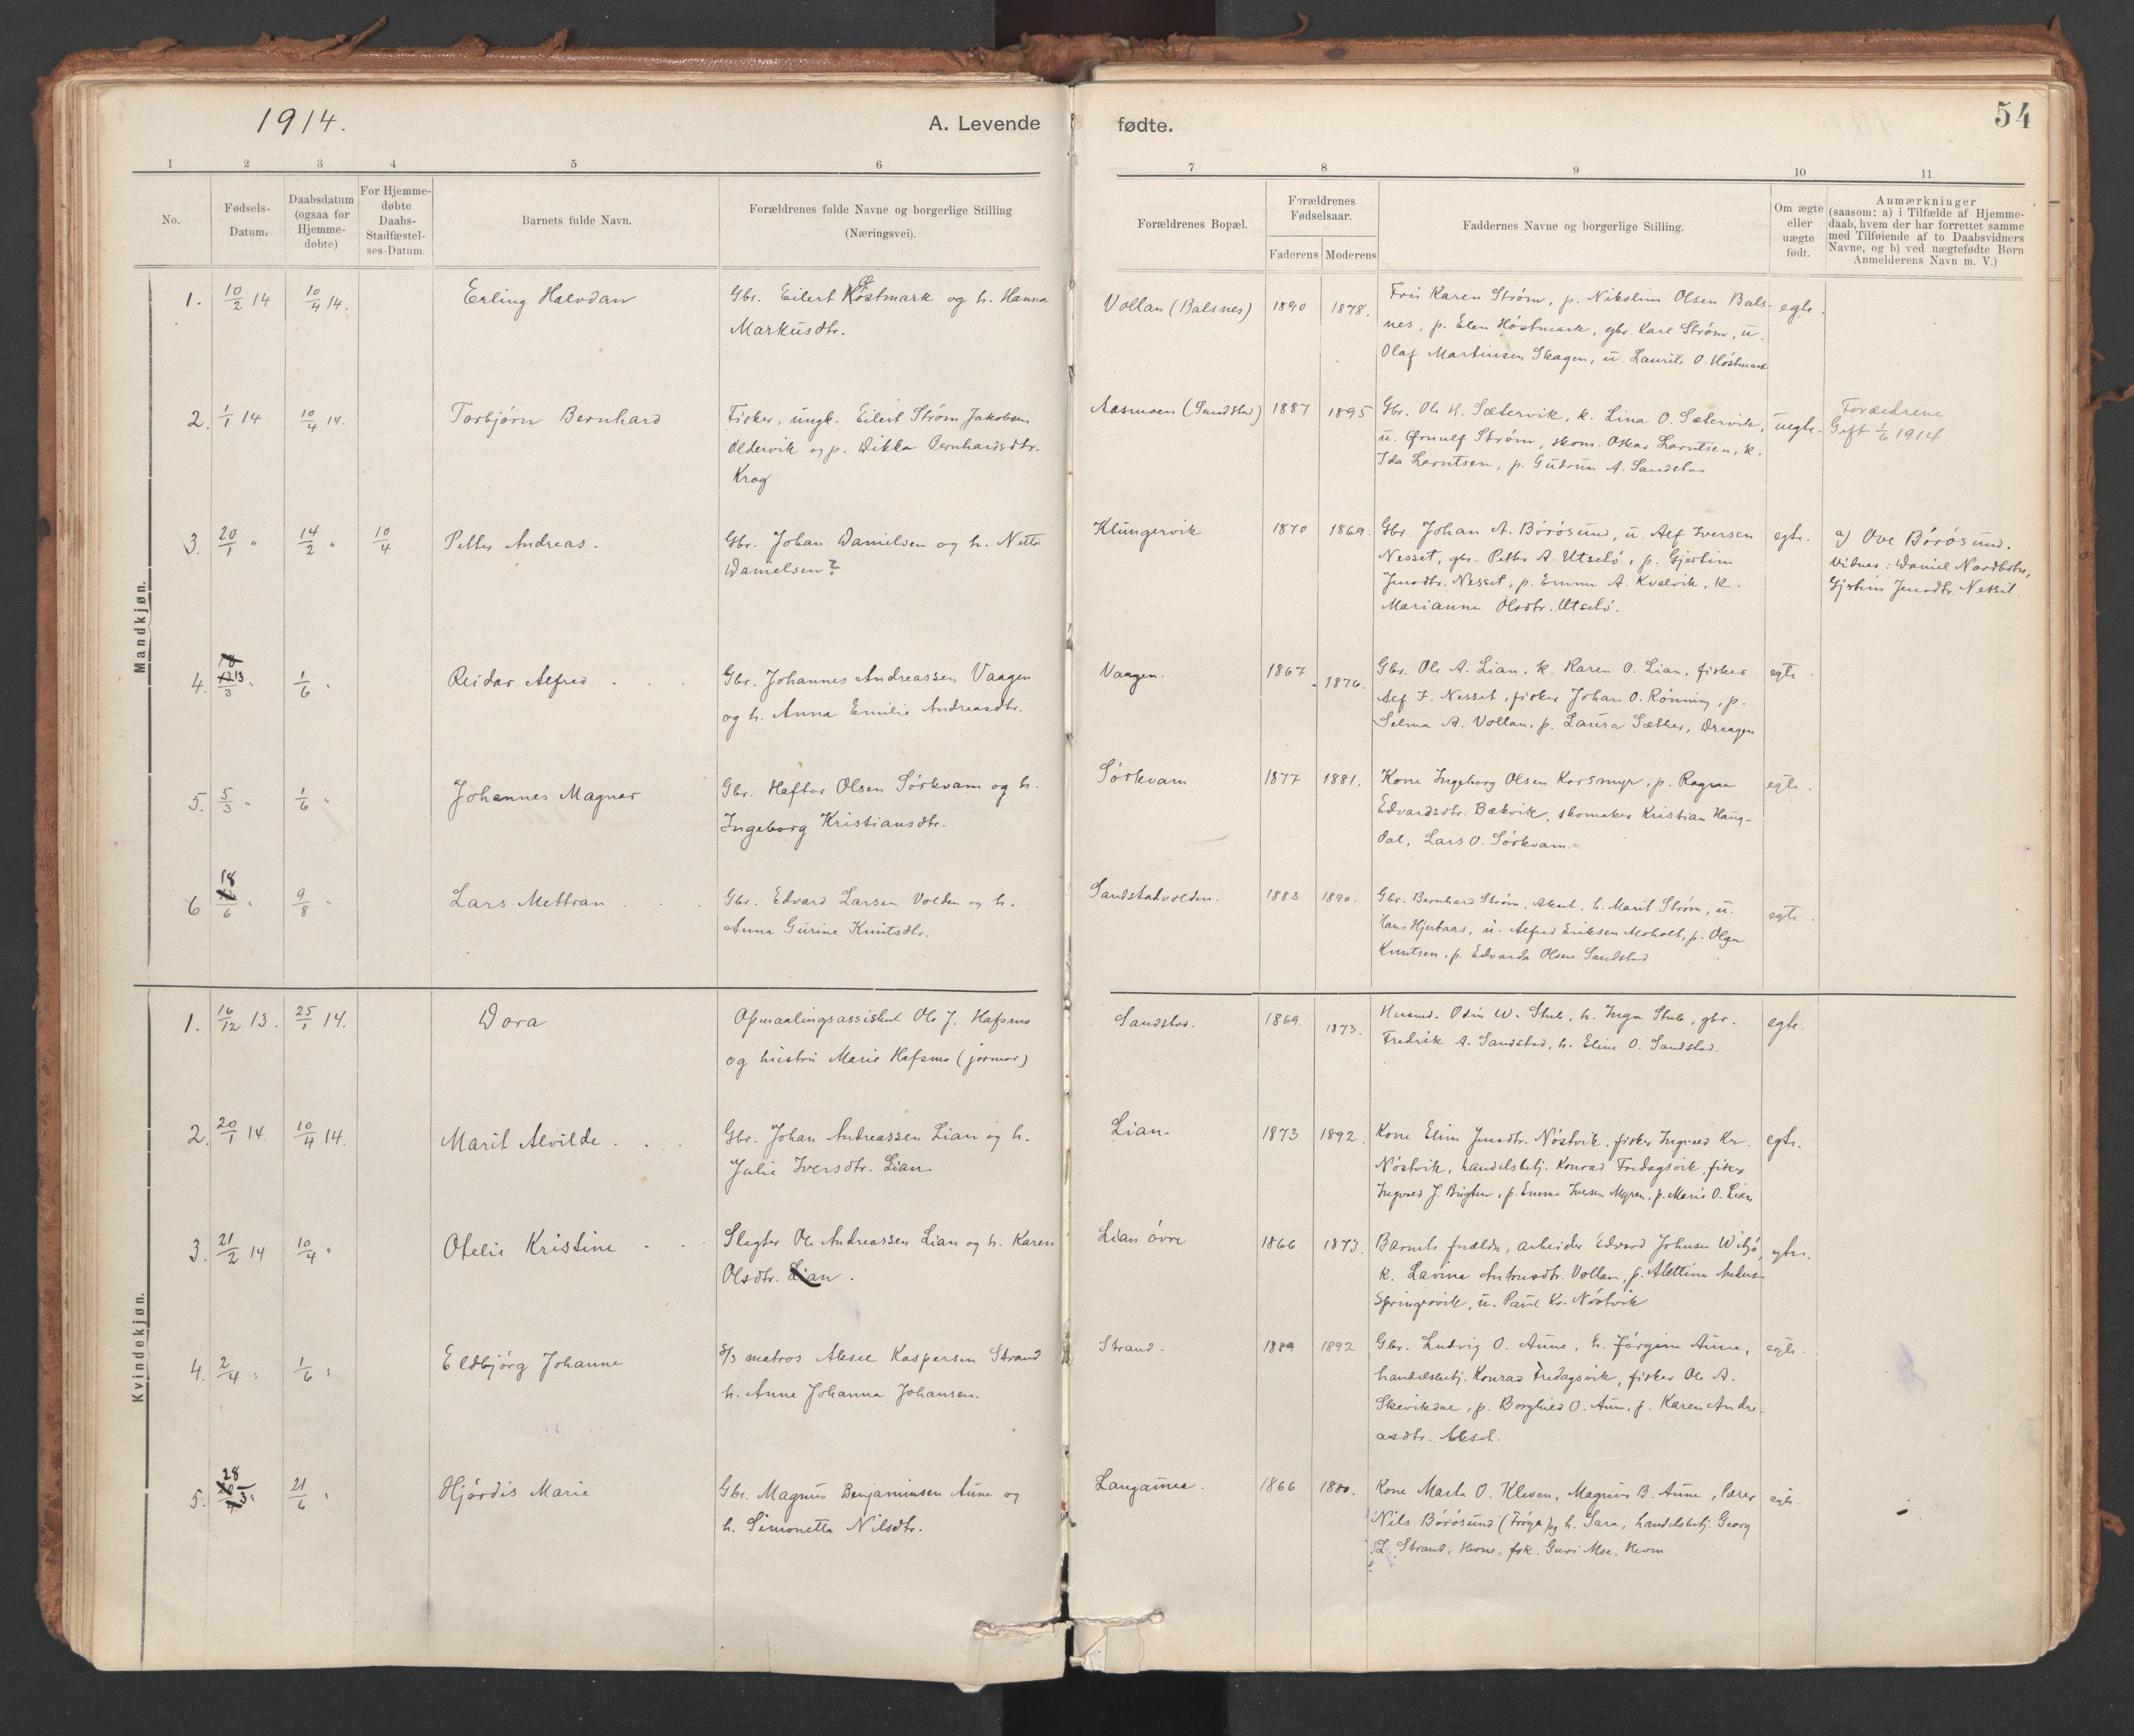 SAT, Ministerialprotokoller, klokkerbøker og fødselsregistre - Sør-Trøndelag, 639/L0572: Ministerialbok nr. 639A01, 1890-1920, s. 54